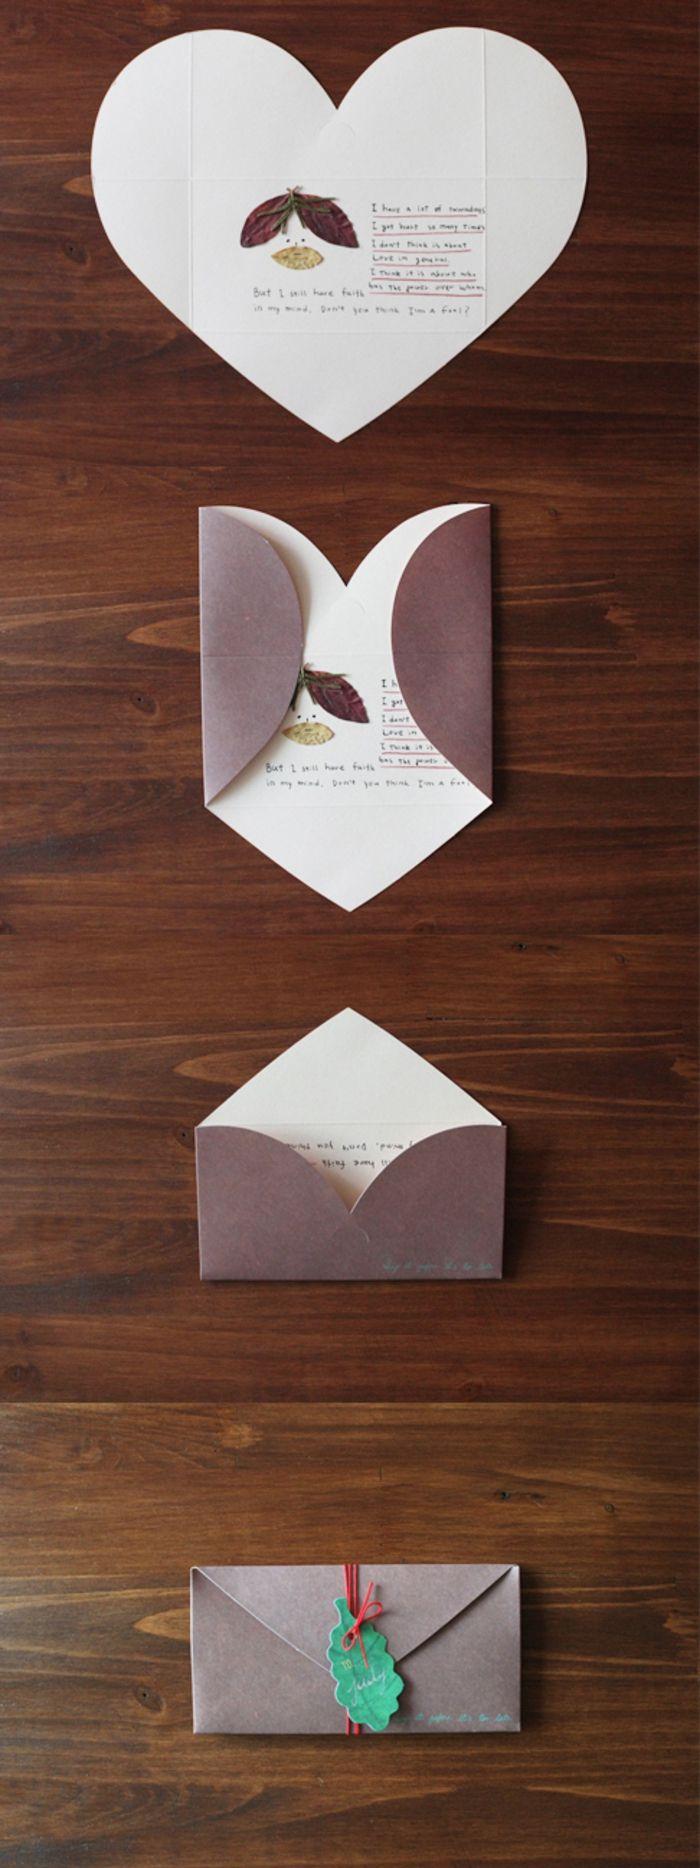 tarjetas de cumpleaños, sobre desplegable que se convierte en tarjeta de cumpleaños en forma de corazón